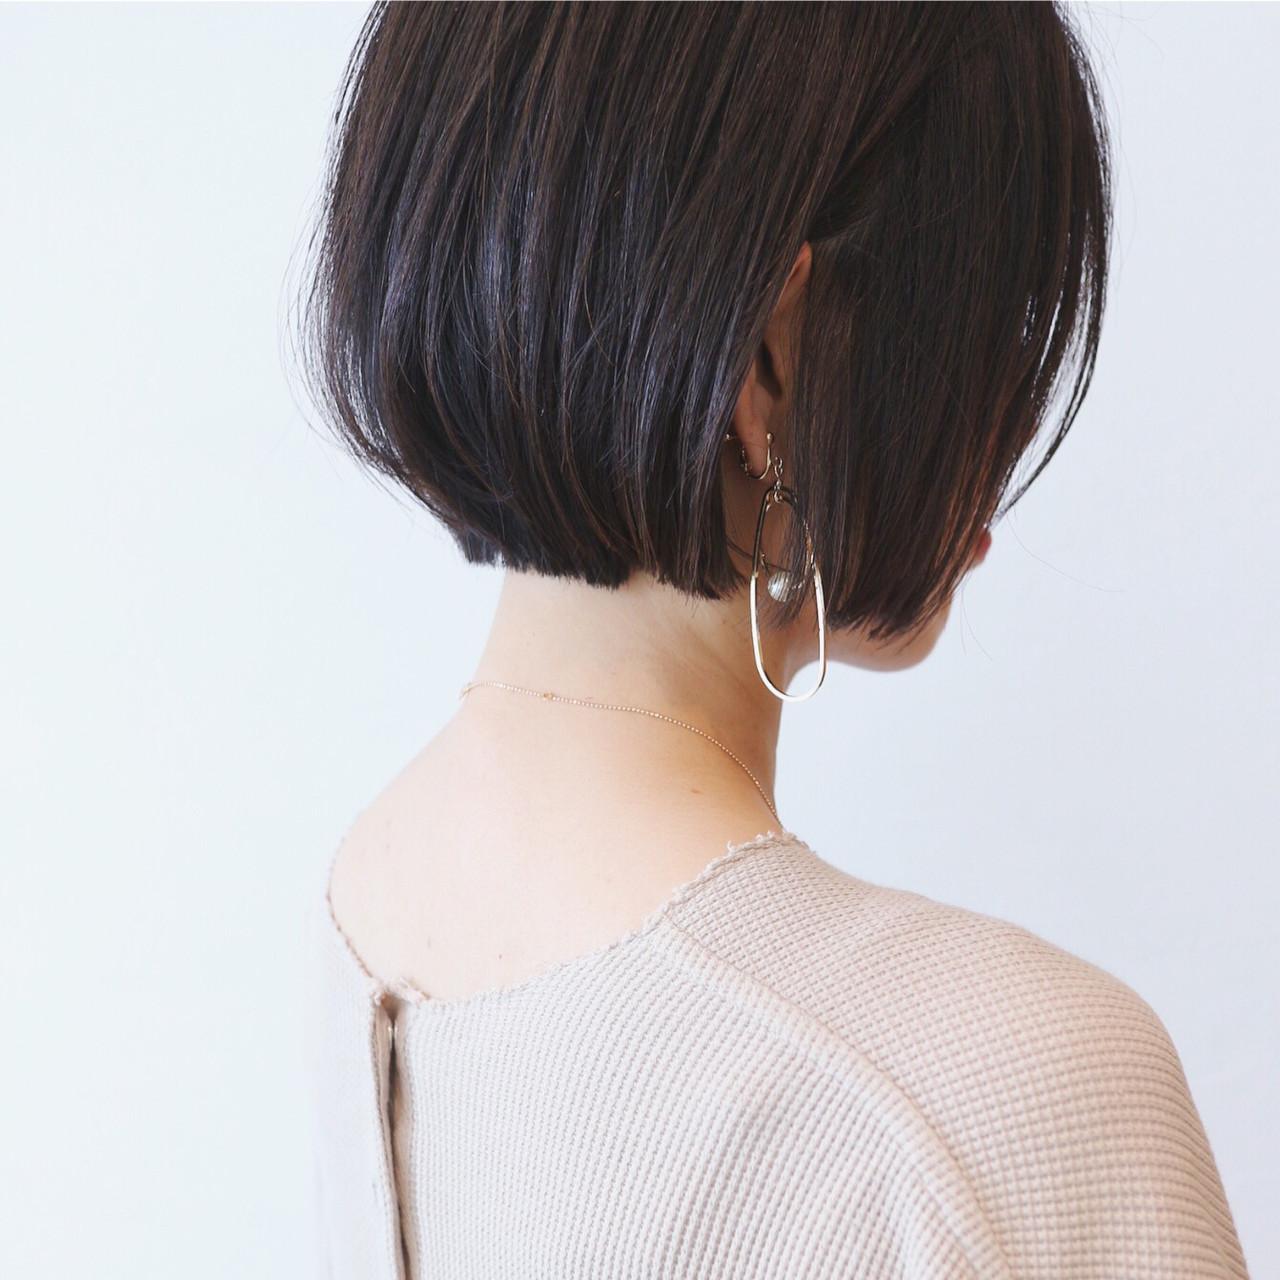 ナチュラル 地毛風カラー ショートボブ ミニボブ ヘアスタイルや髪型の写真・画像